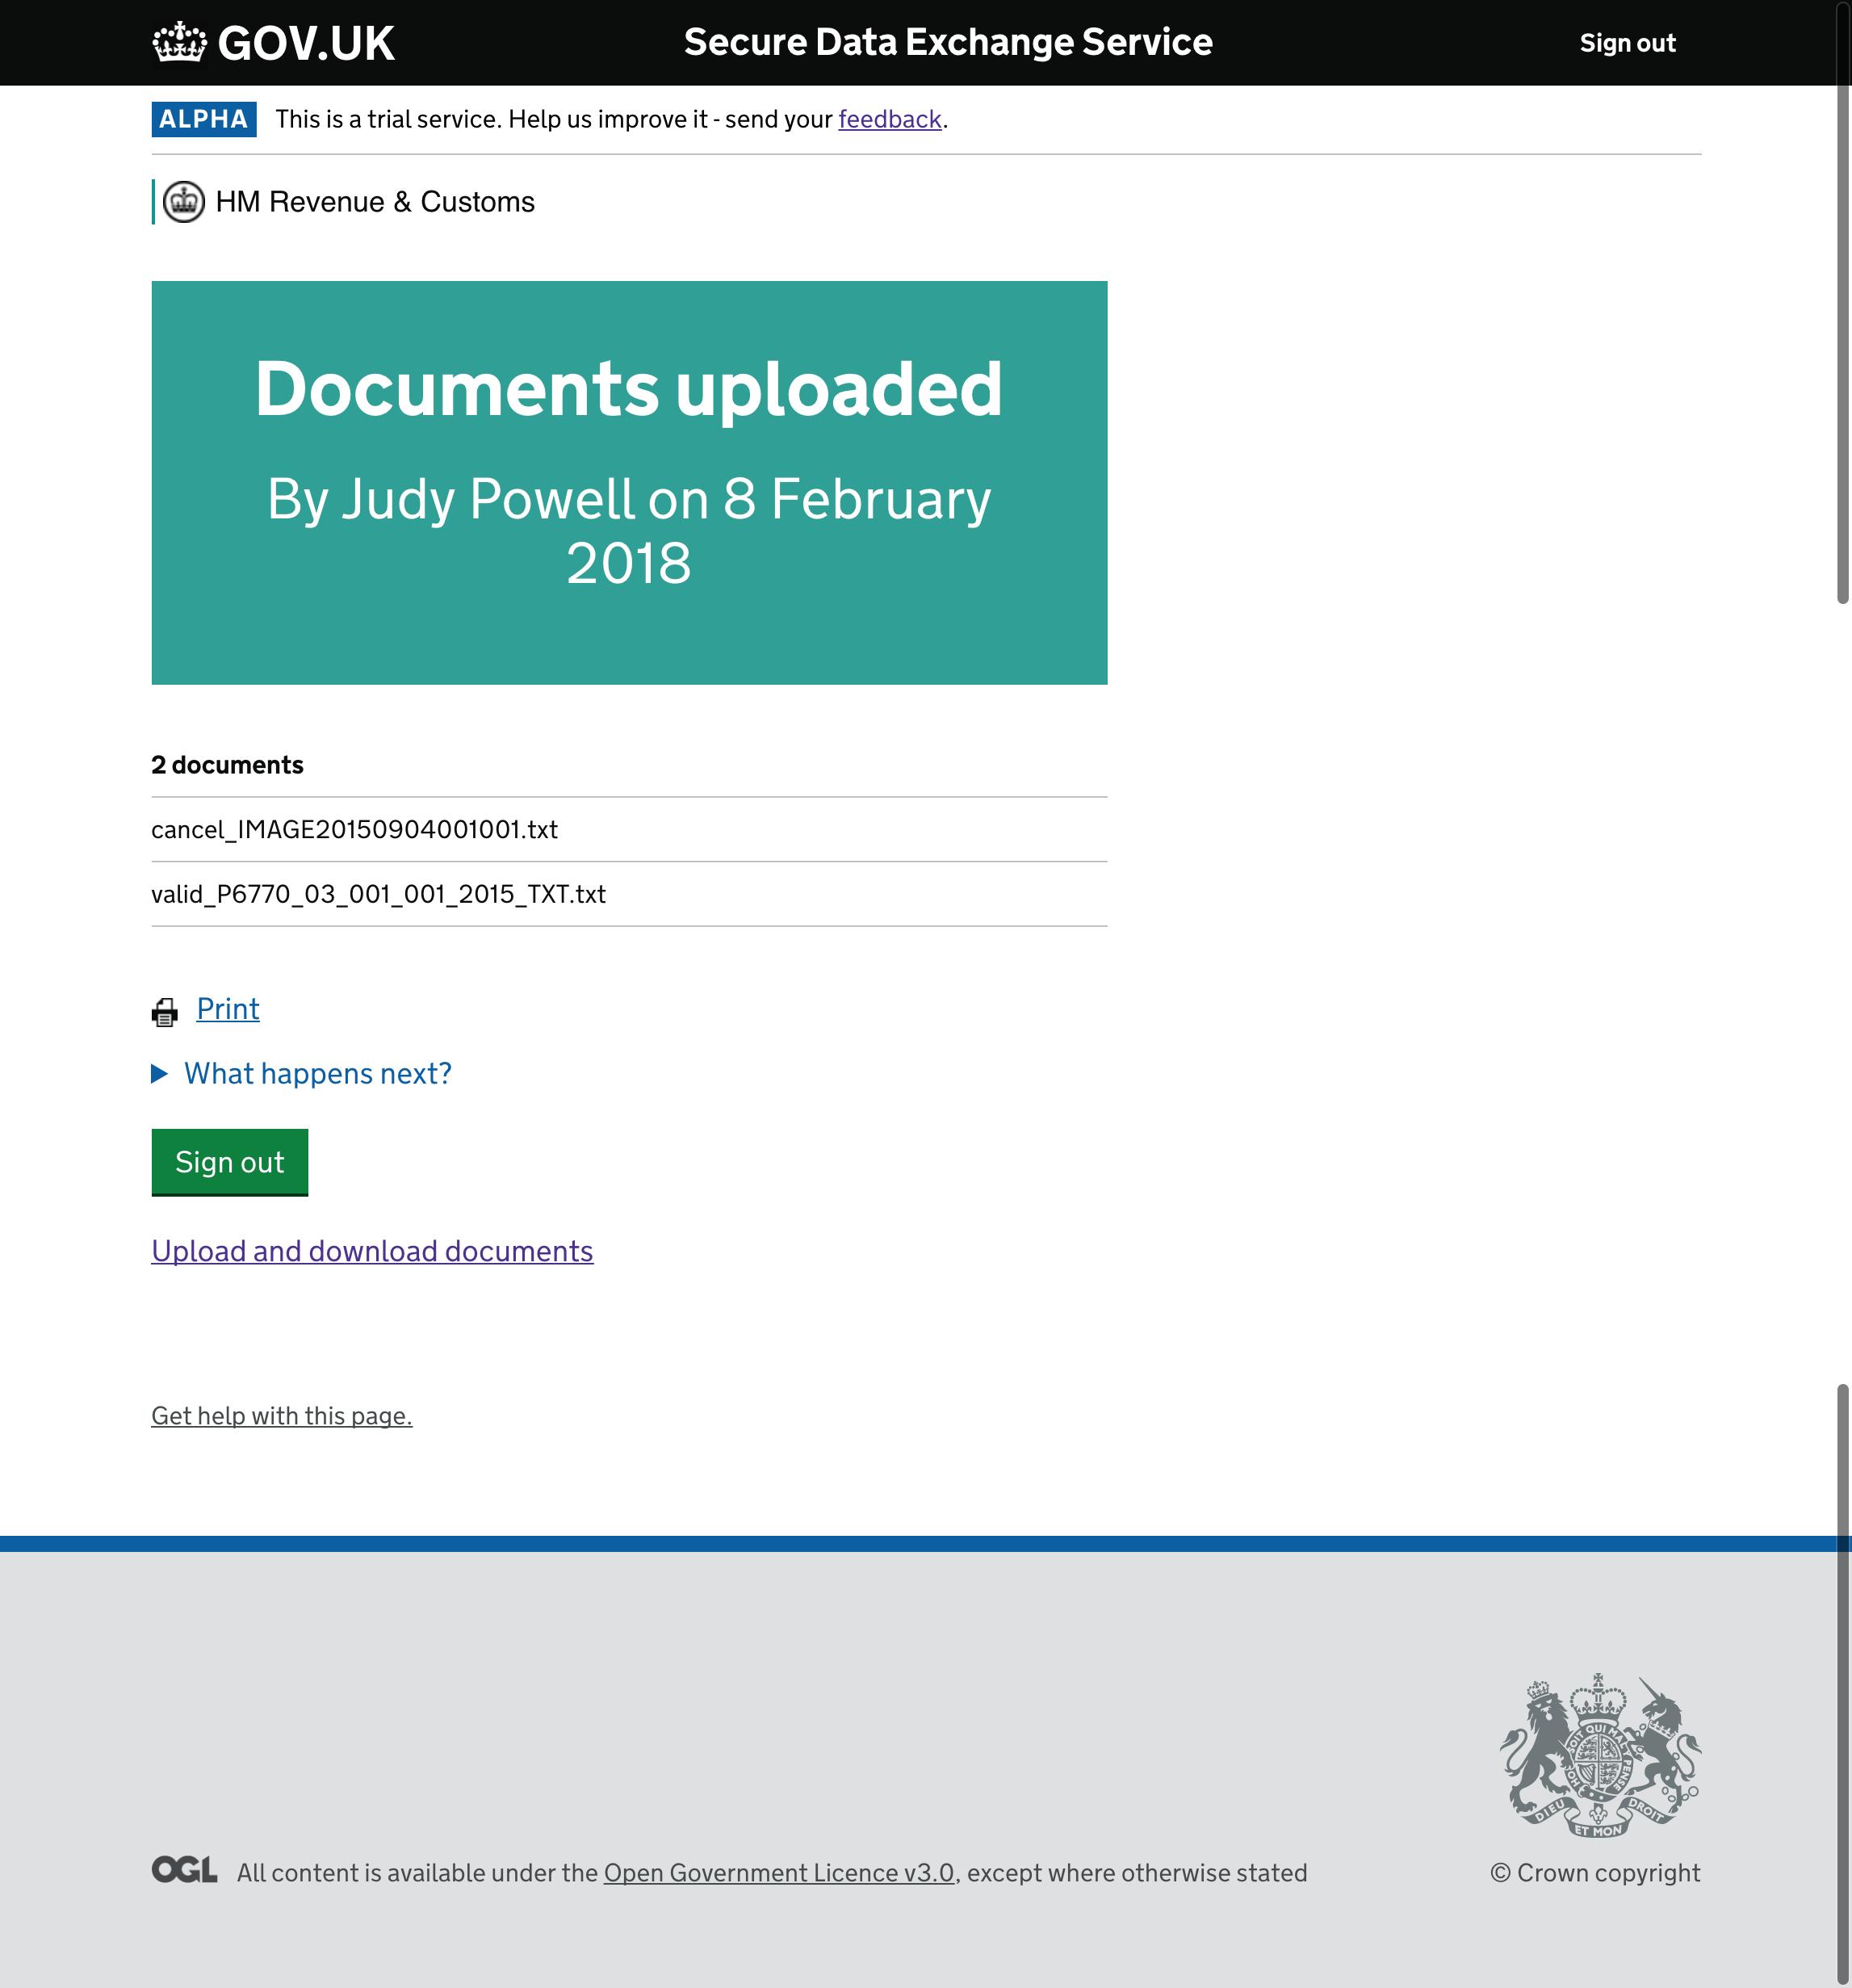 screenshot-sdes-ux herokuapp com-2018 02 08-09-46-55